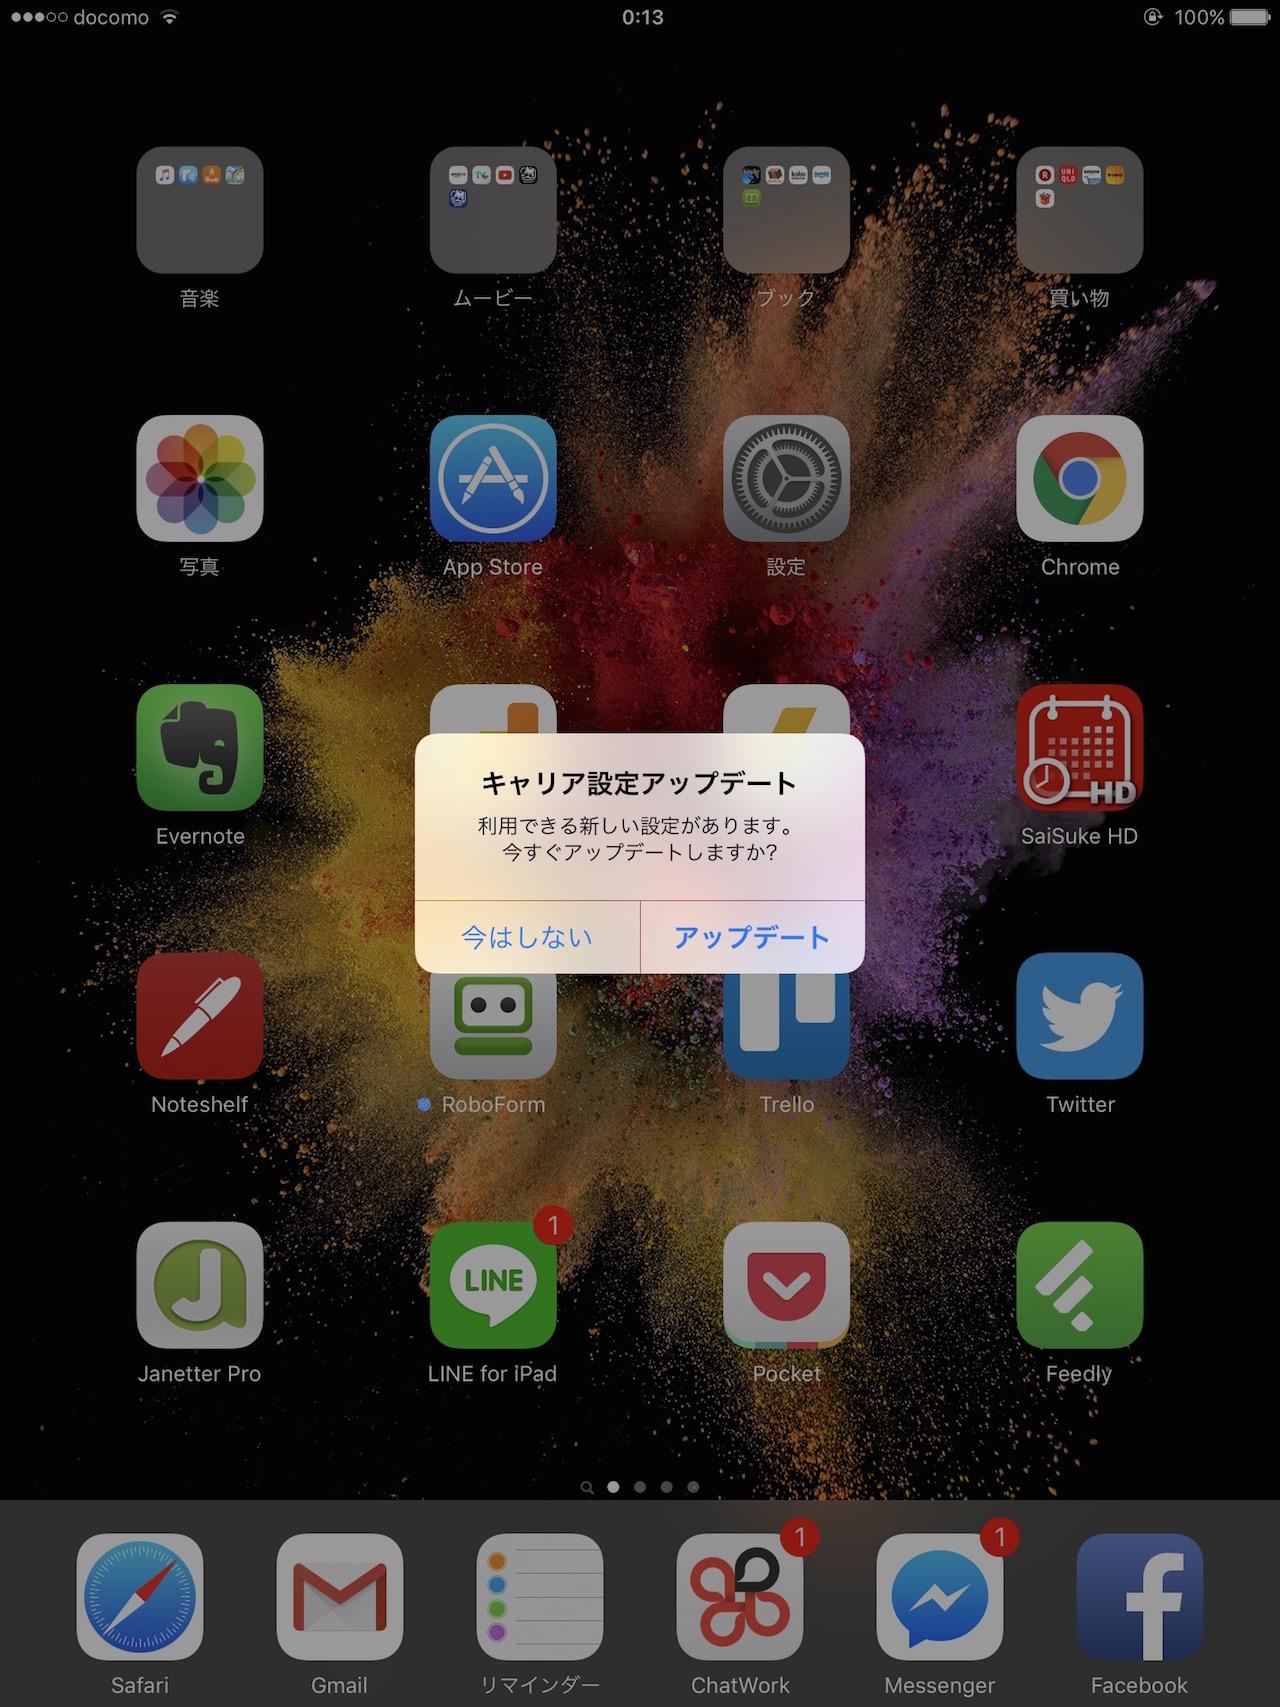 最近ええ感じの格安SIMがたくさん出てきてるけどこれからもIIJmioを使い続ける!理由はこれ